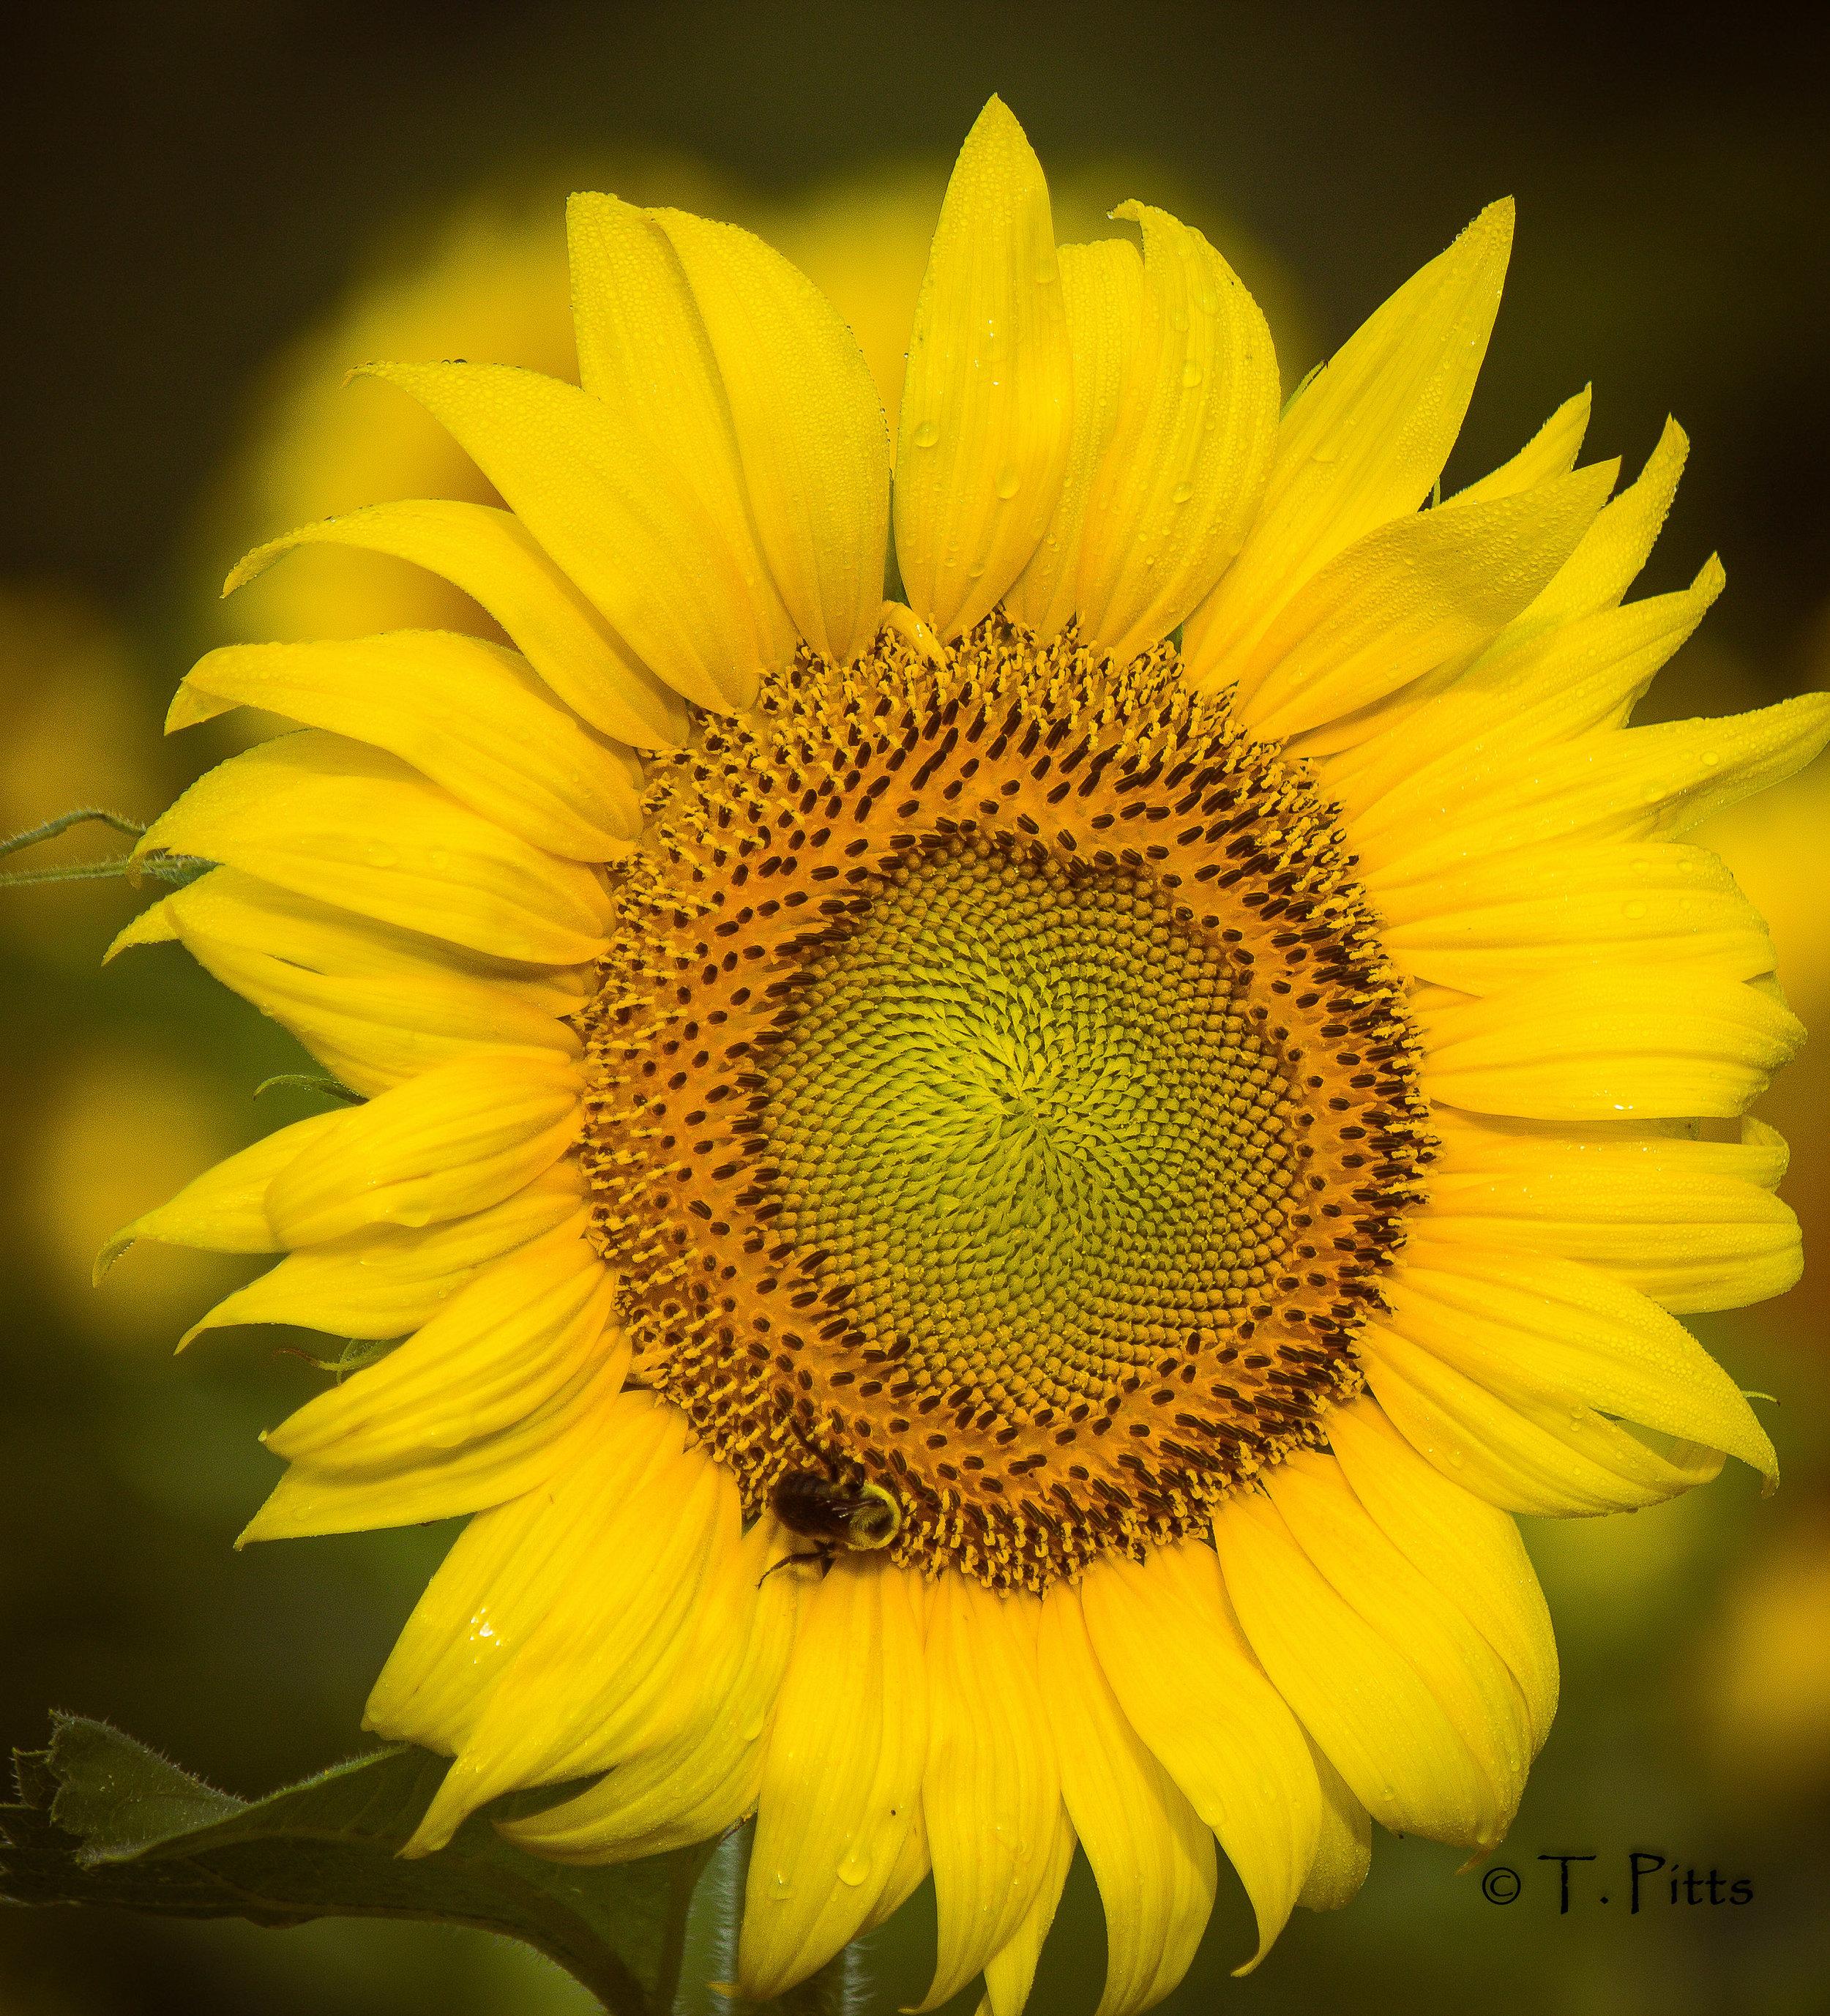 sunflower Pitts1.jpg